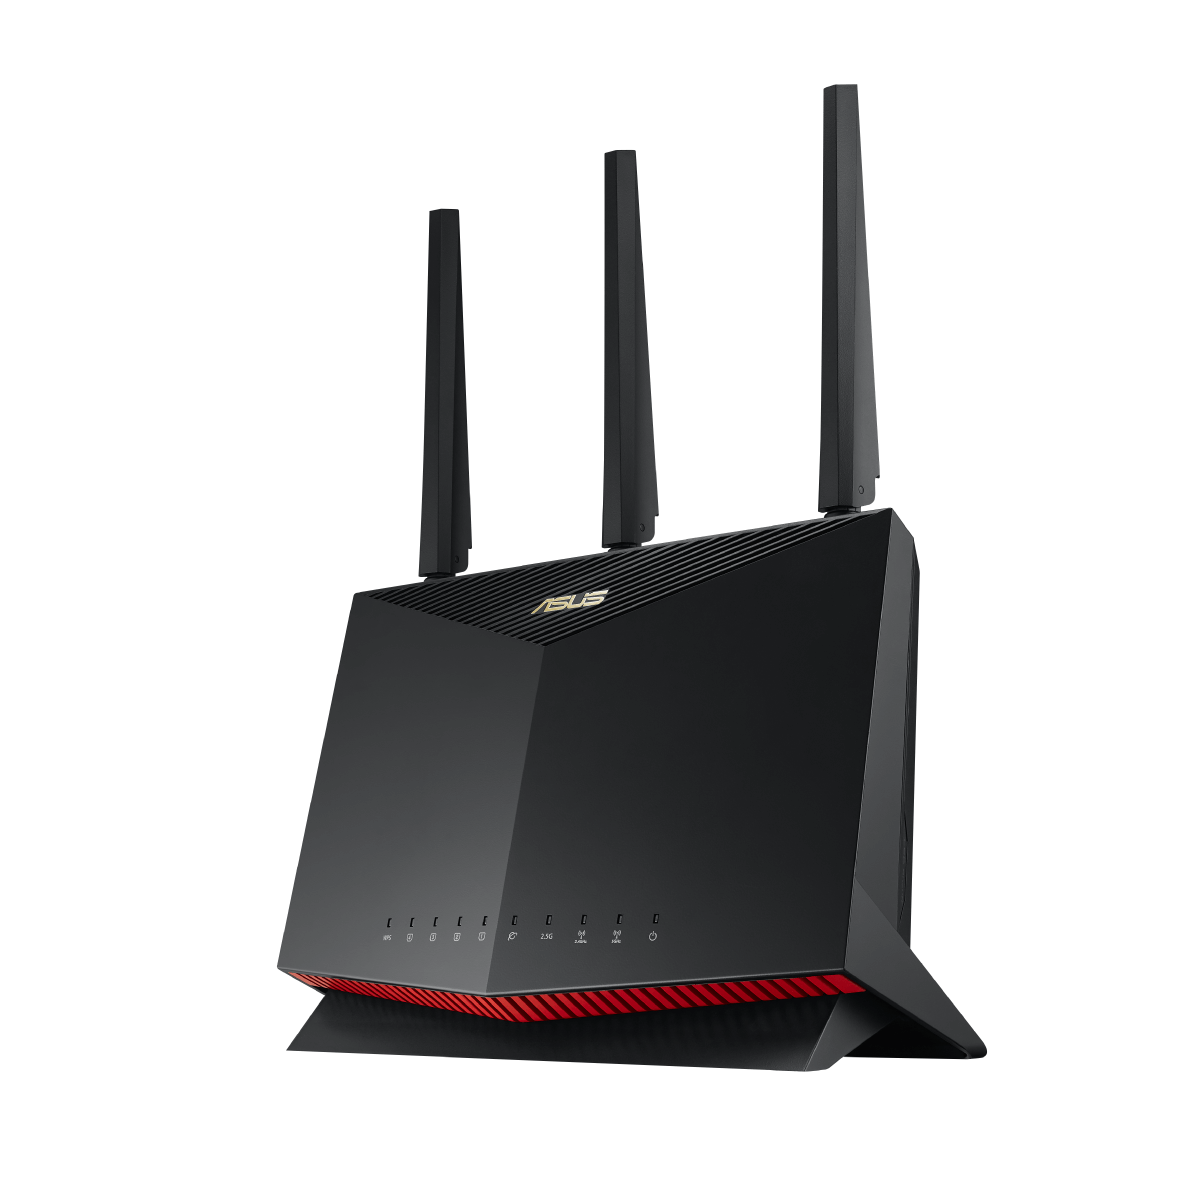 AX5700 雙頻 WiFi 6 (802.11ax)  無線路由器